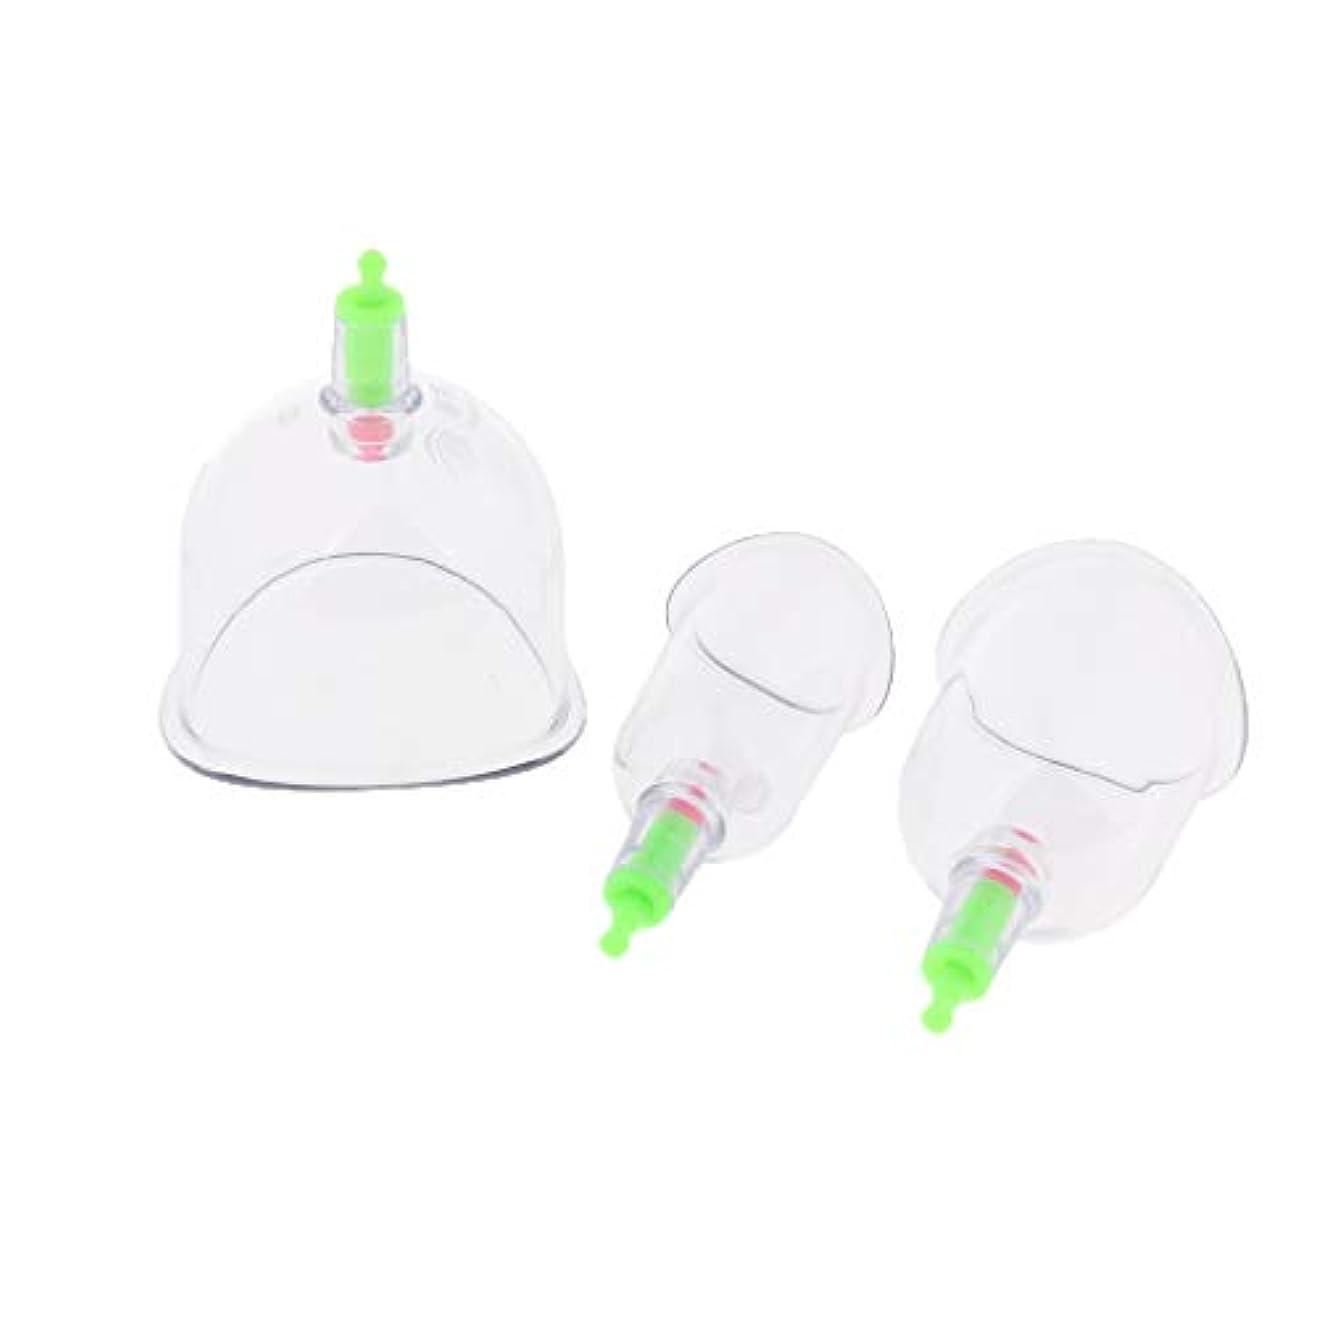 視聴者洪水余剰真空カッピングセット 透明なボディマッサージカップ 吸い玉 プラスチック 健康ケア 男女兼用 3個入